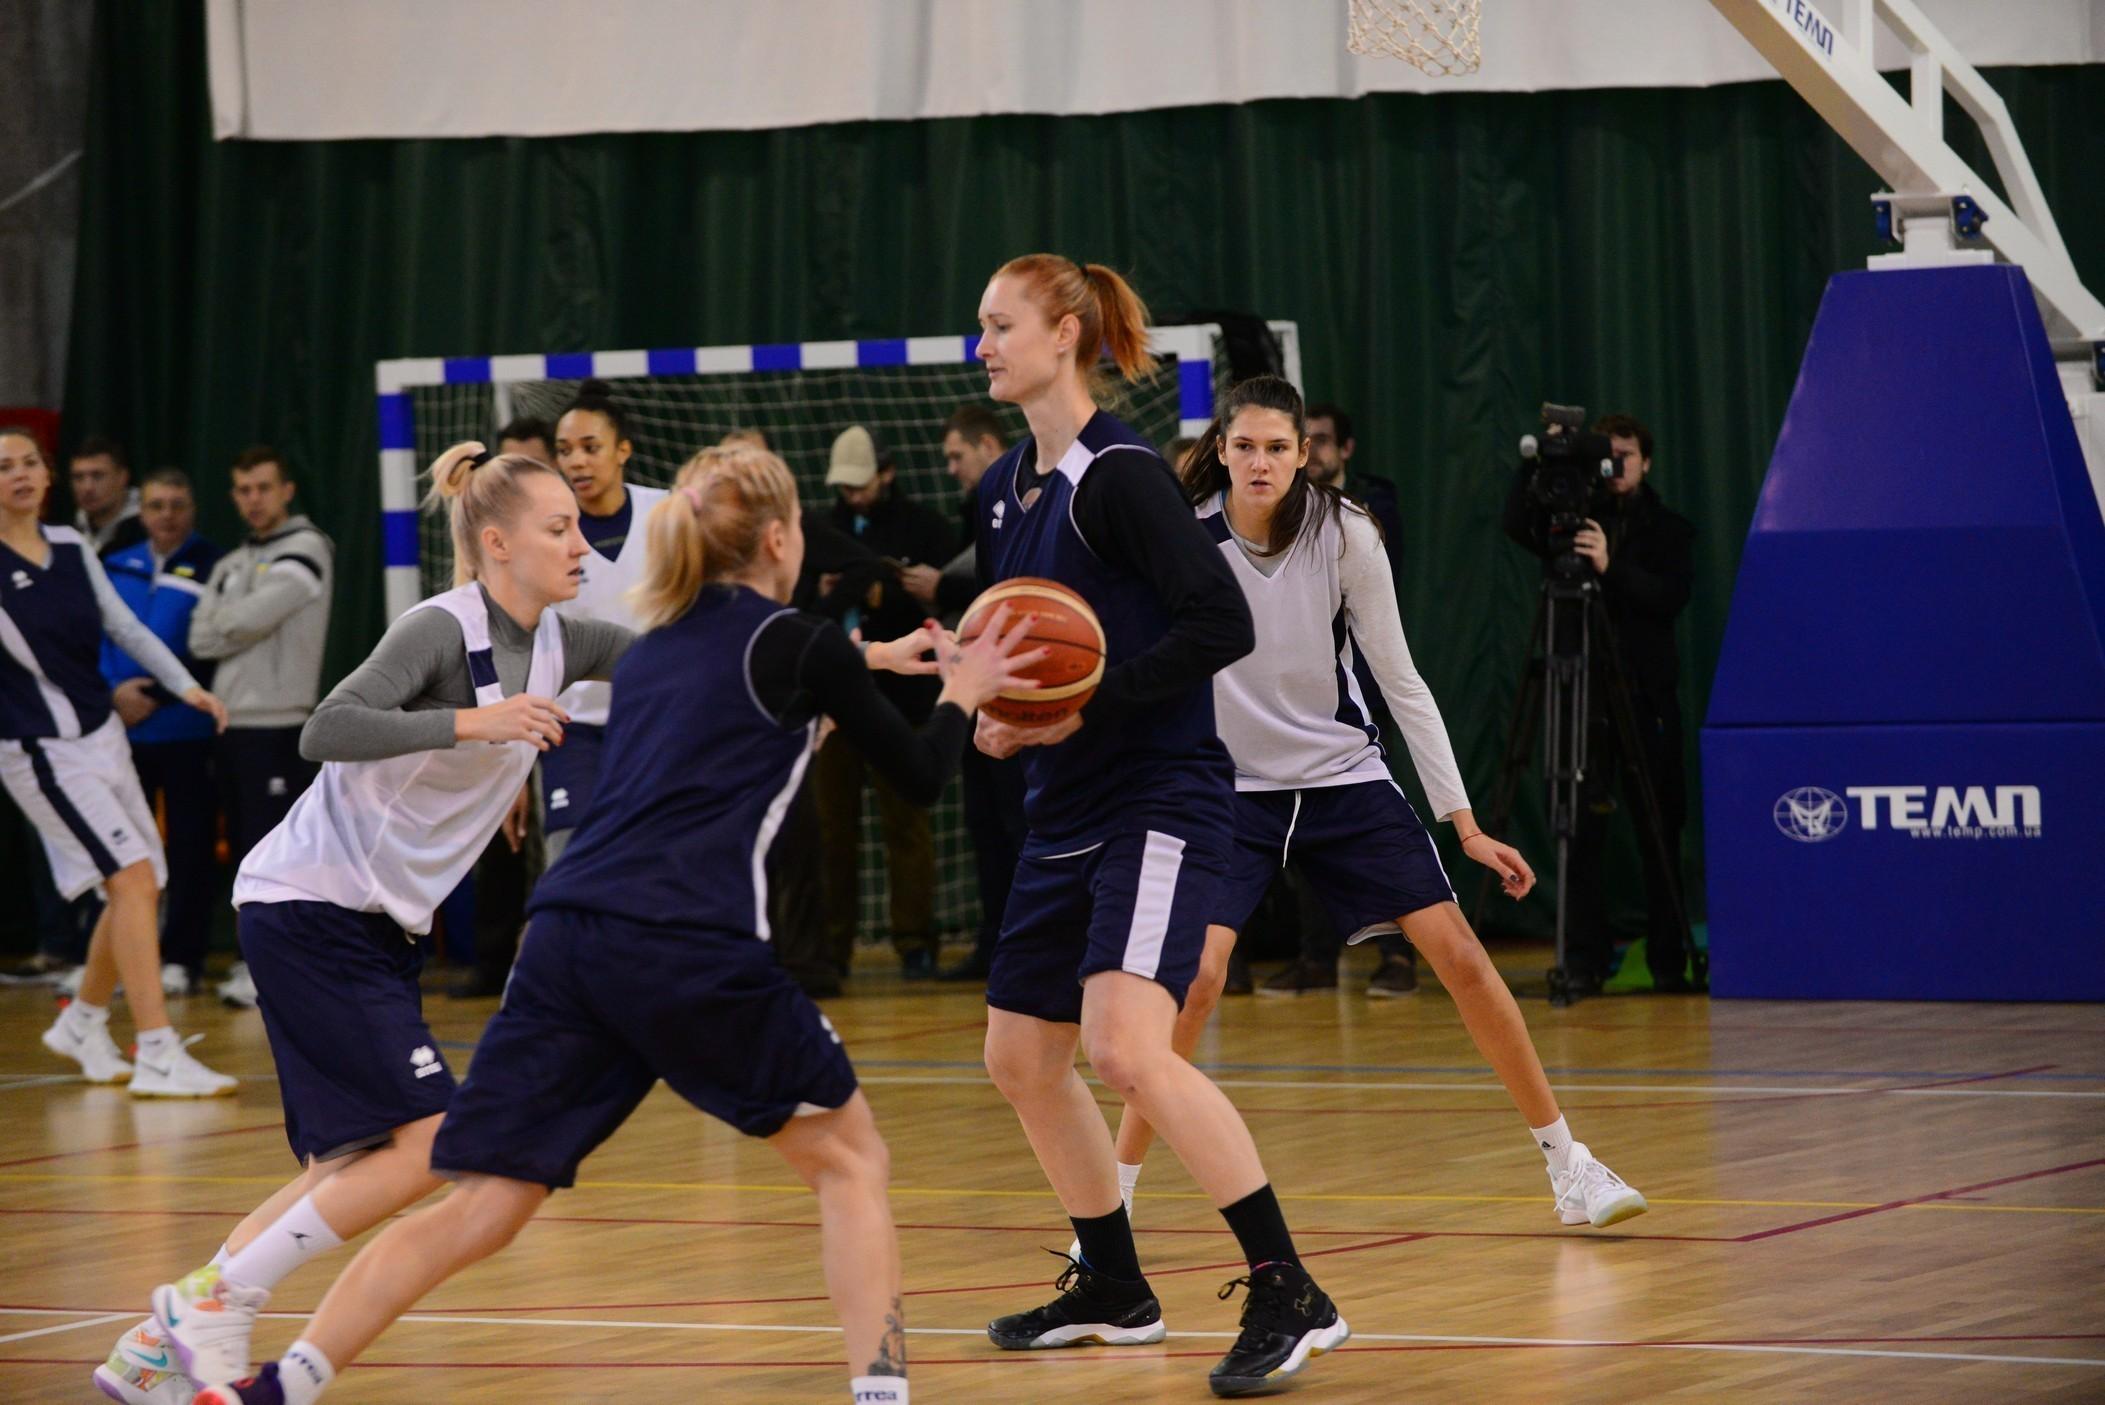 Валерія Бережинська про наступний матч Україна - Болгарія